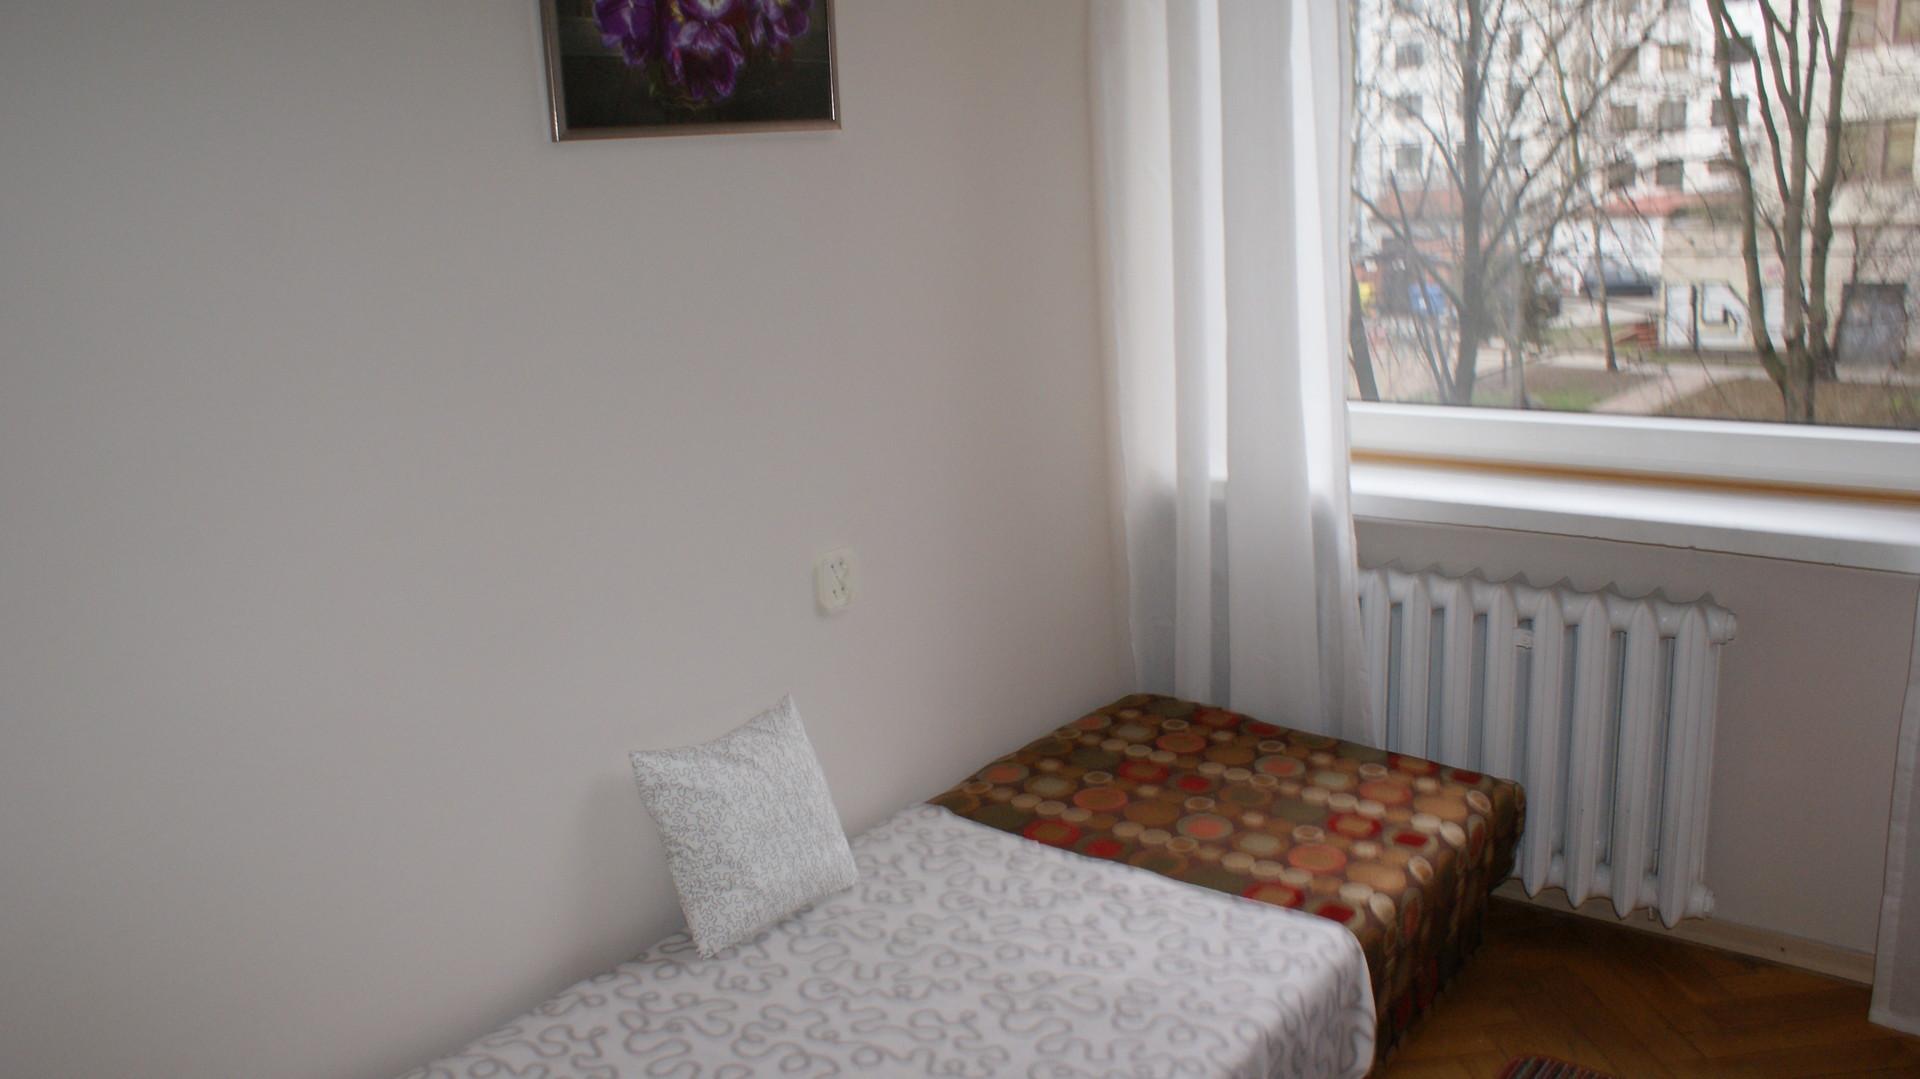 Szewska 31, 50-139 Wroclaw, Polonia